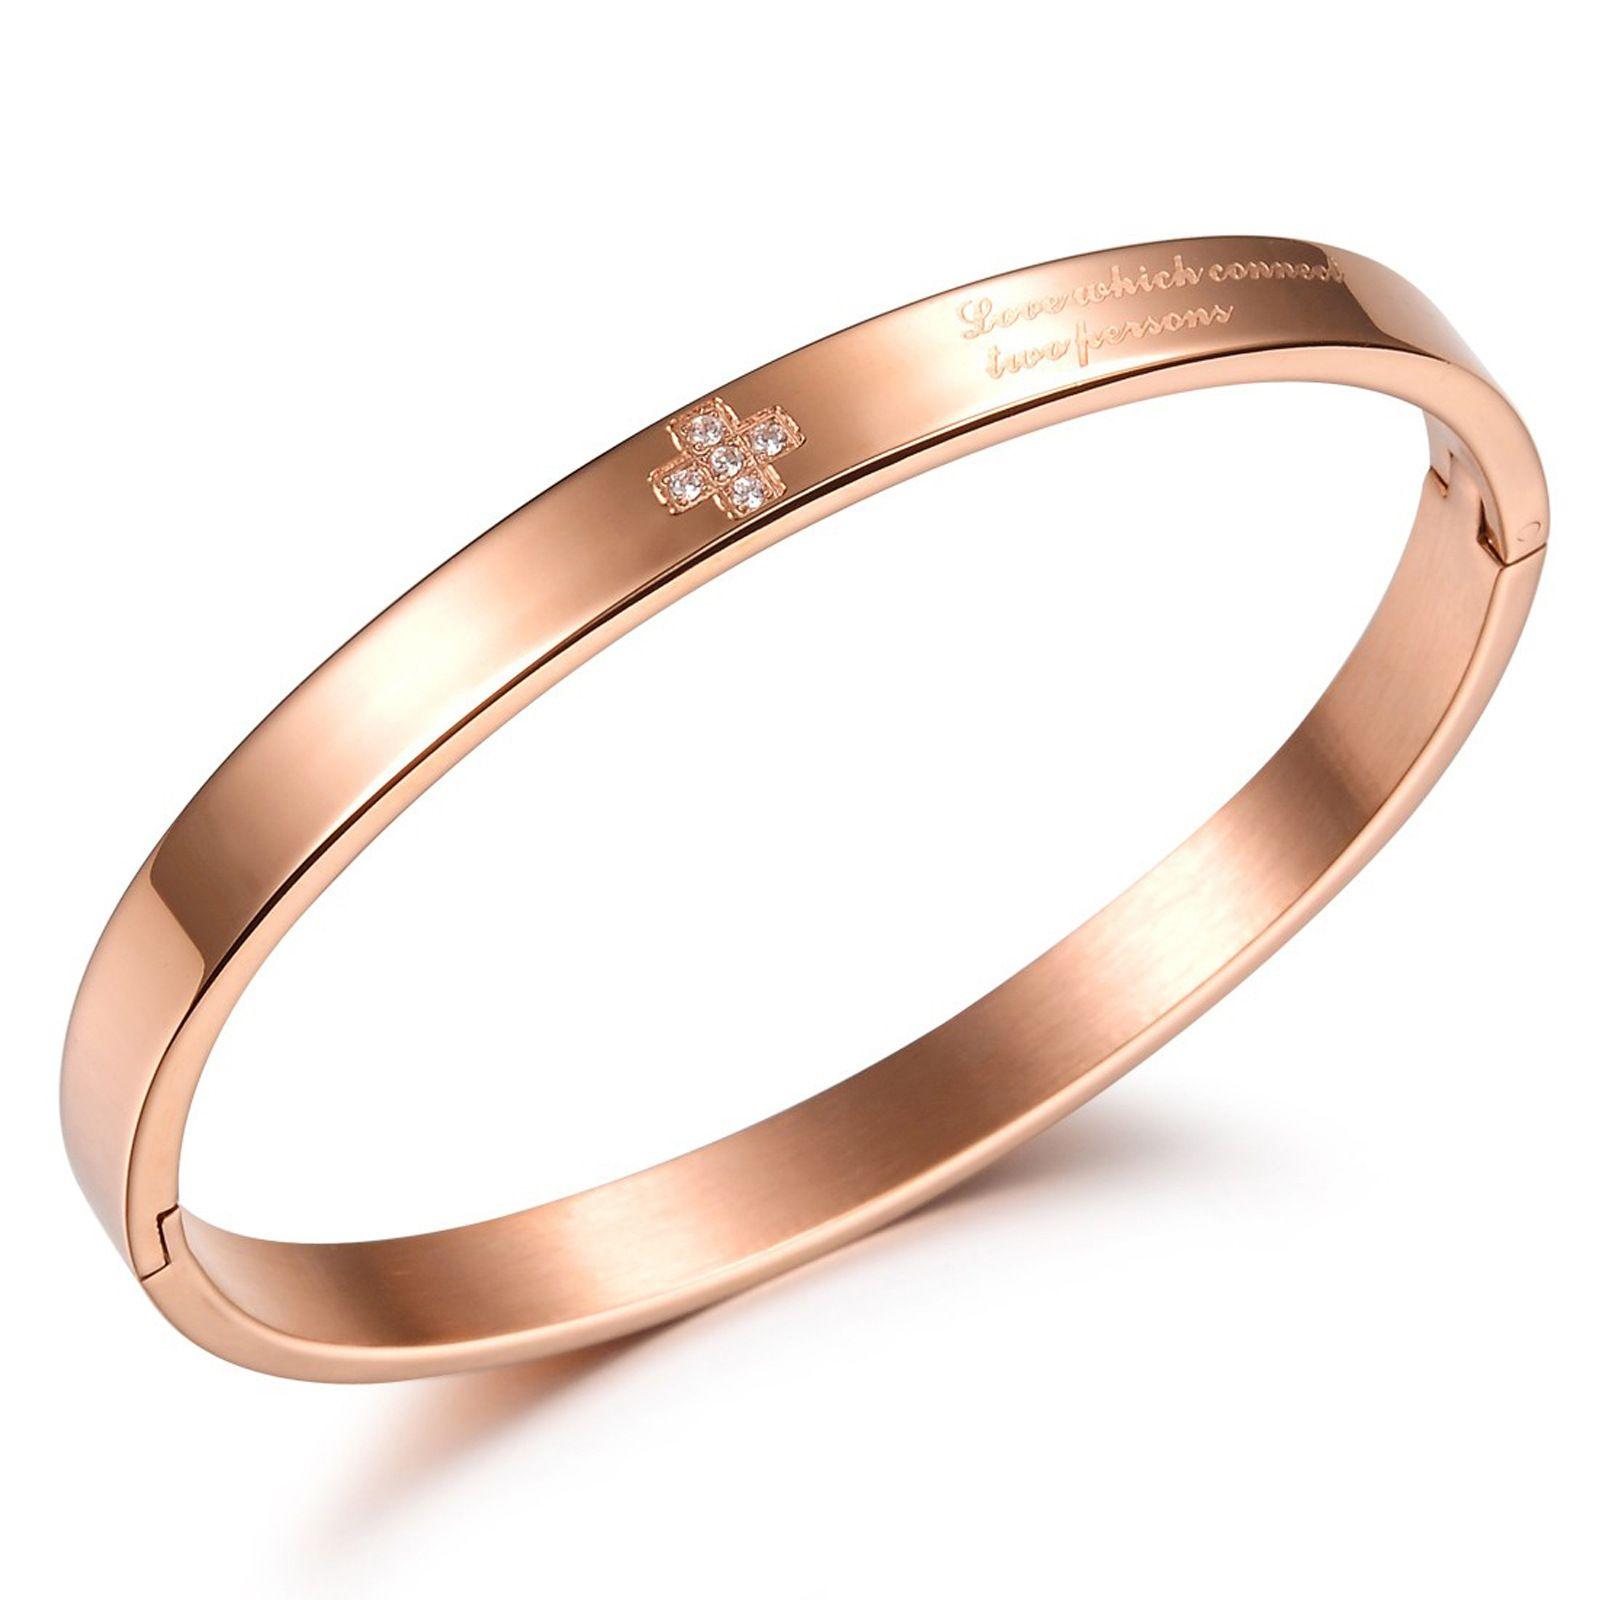 Regali del giorno di San Valentino * Braccialetti in acciaio inossidabile 316L da donna Braccialetti della signora con i cristalli brillanti dei cristalli della fidanzata Gold Gold